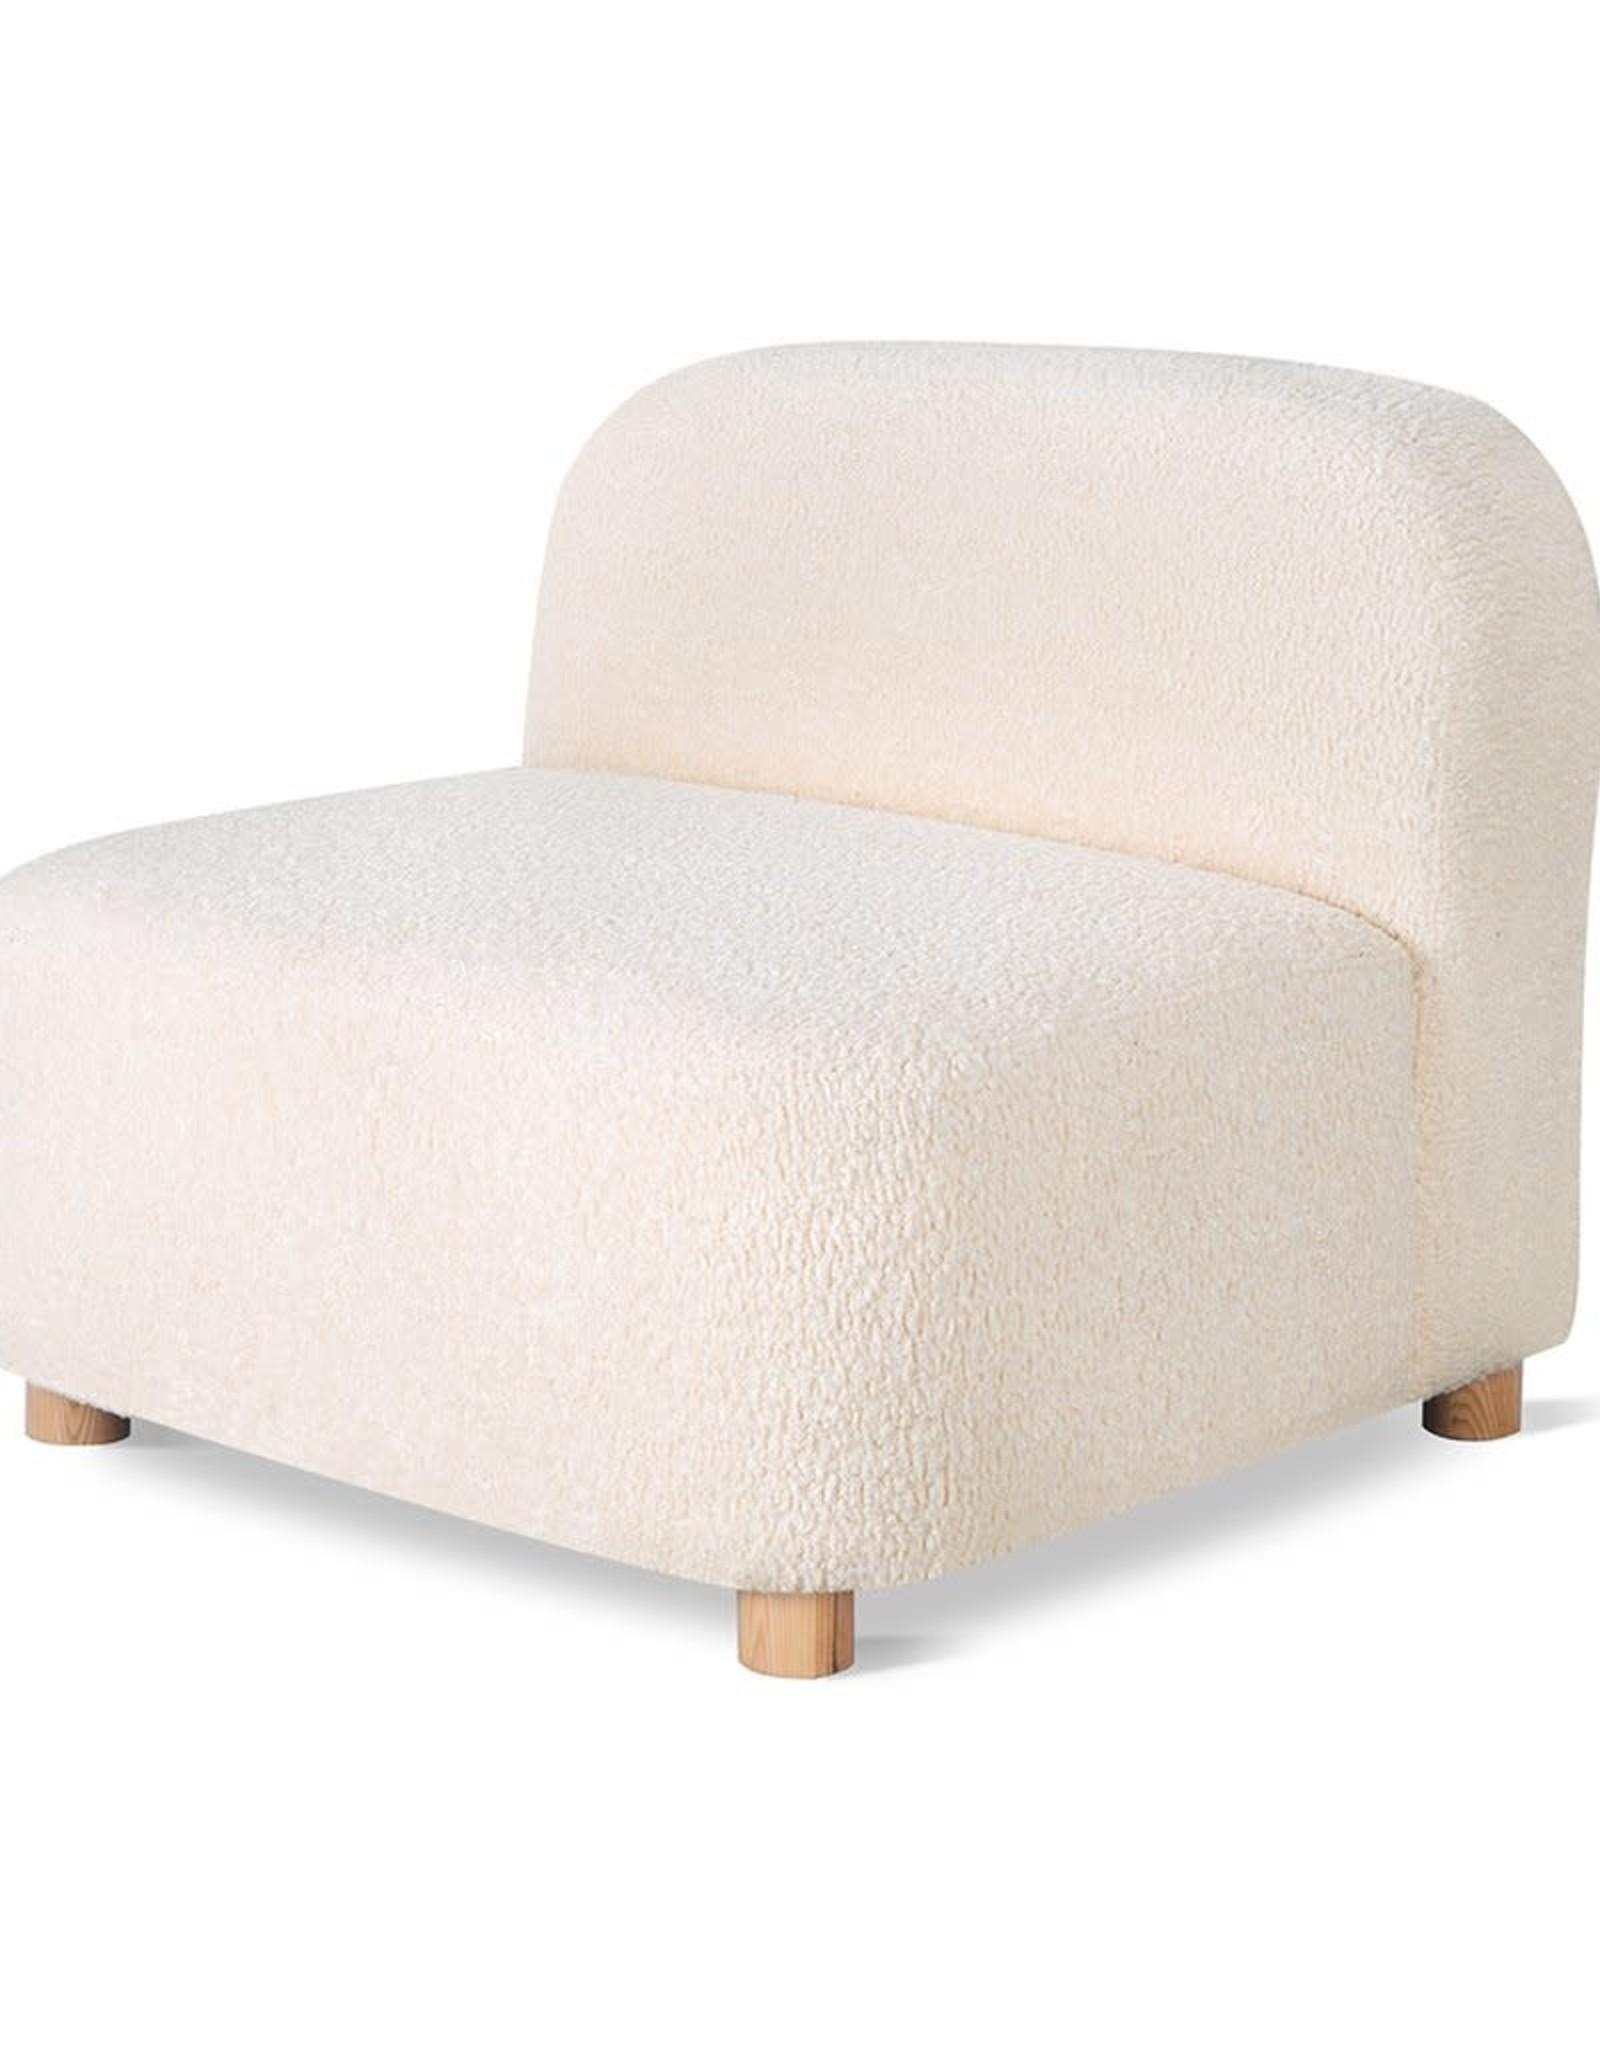 Gus* Modern Circuit Modular Armless Chair